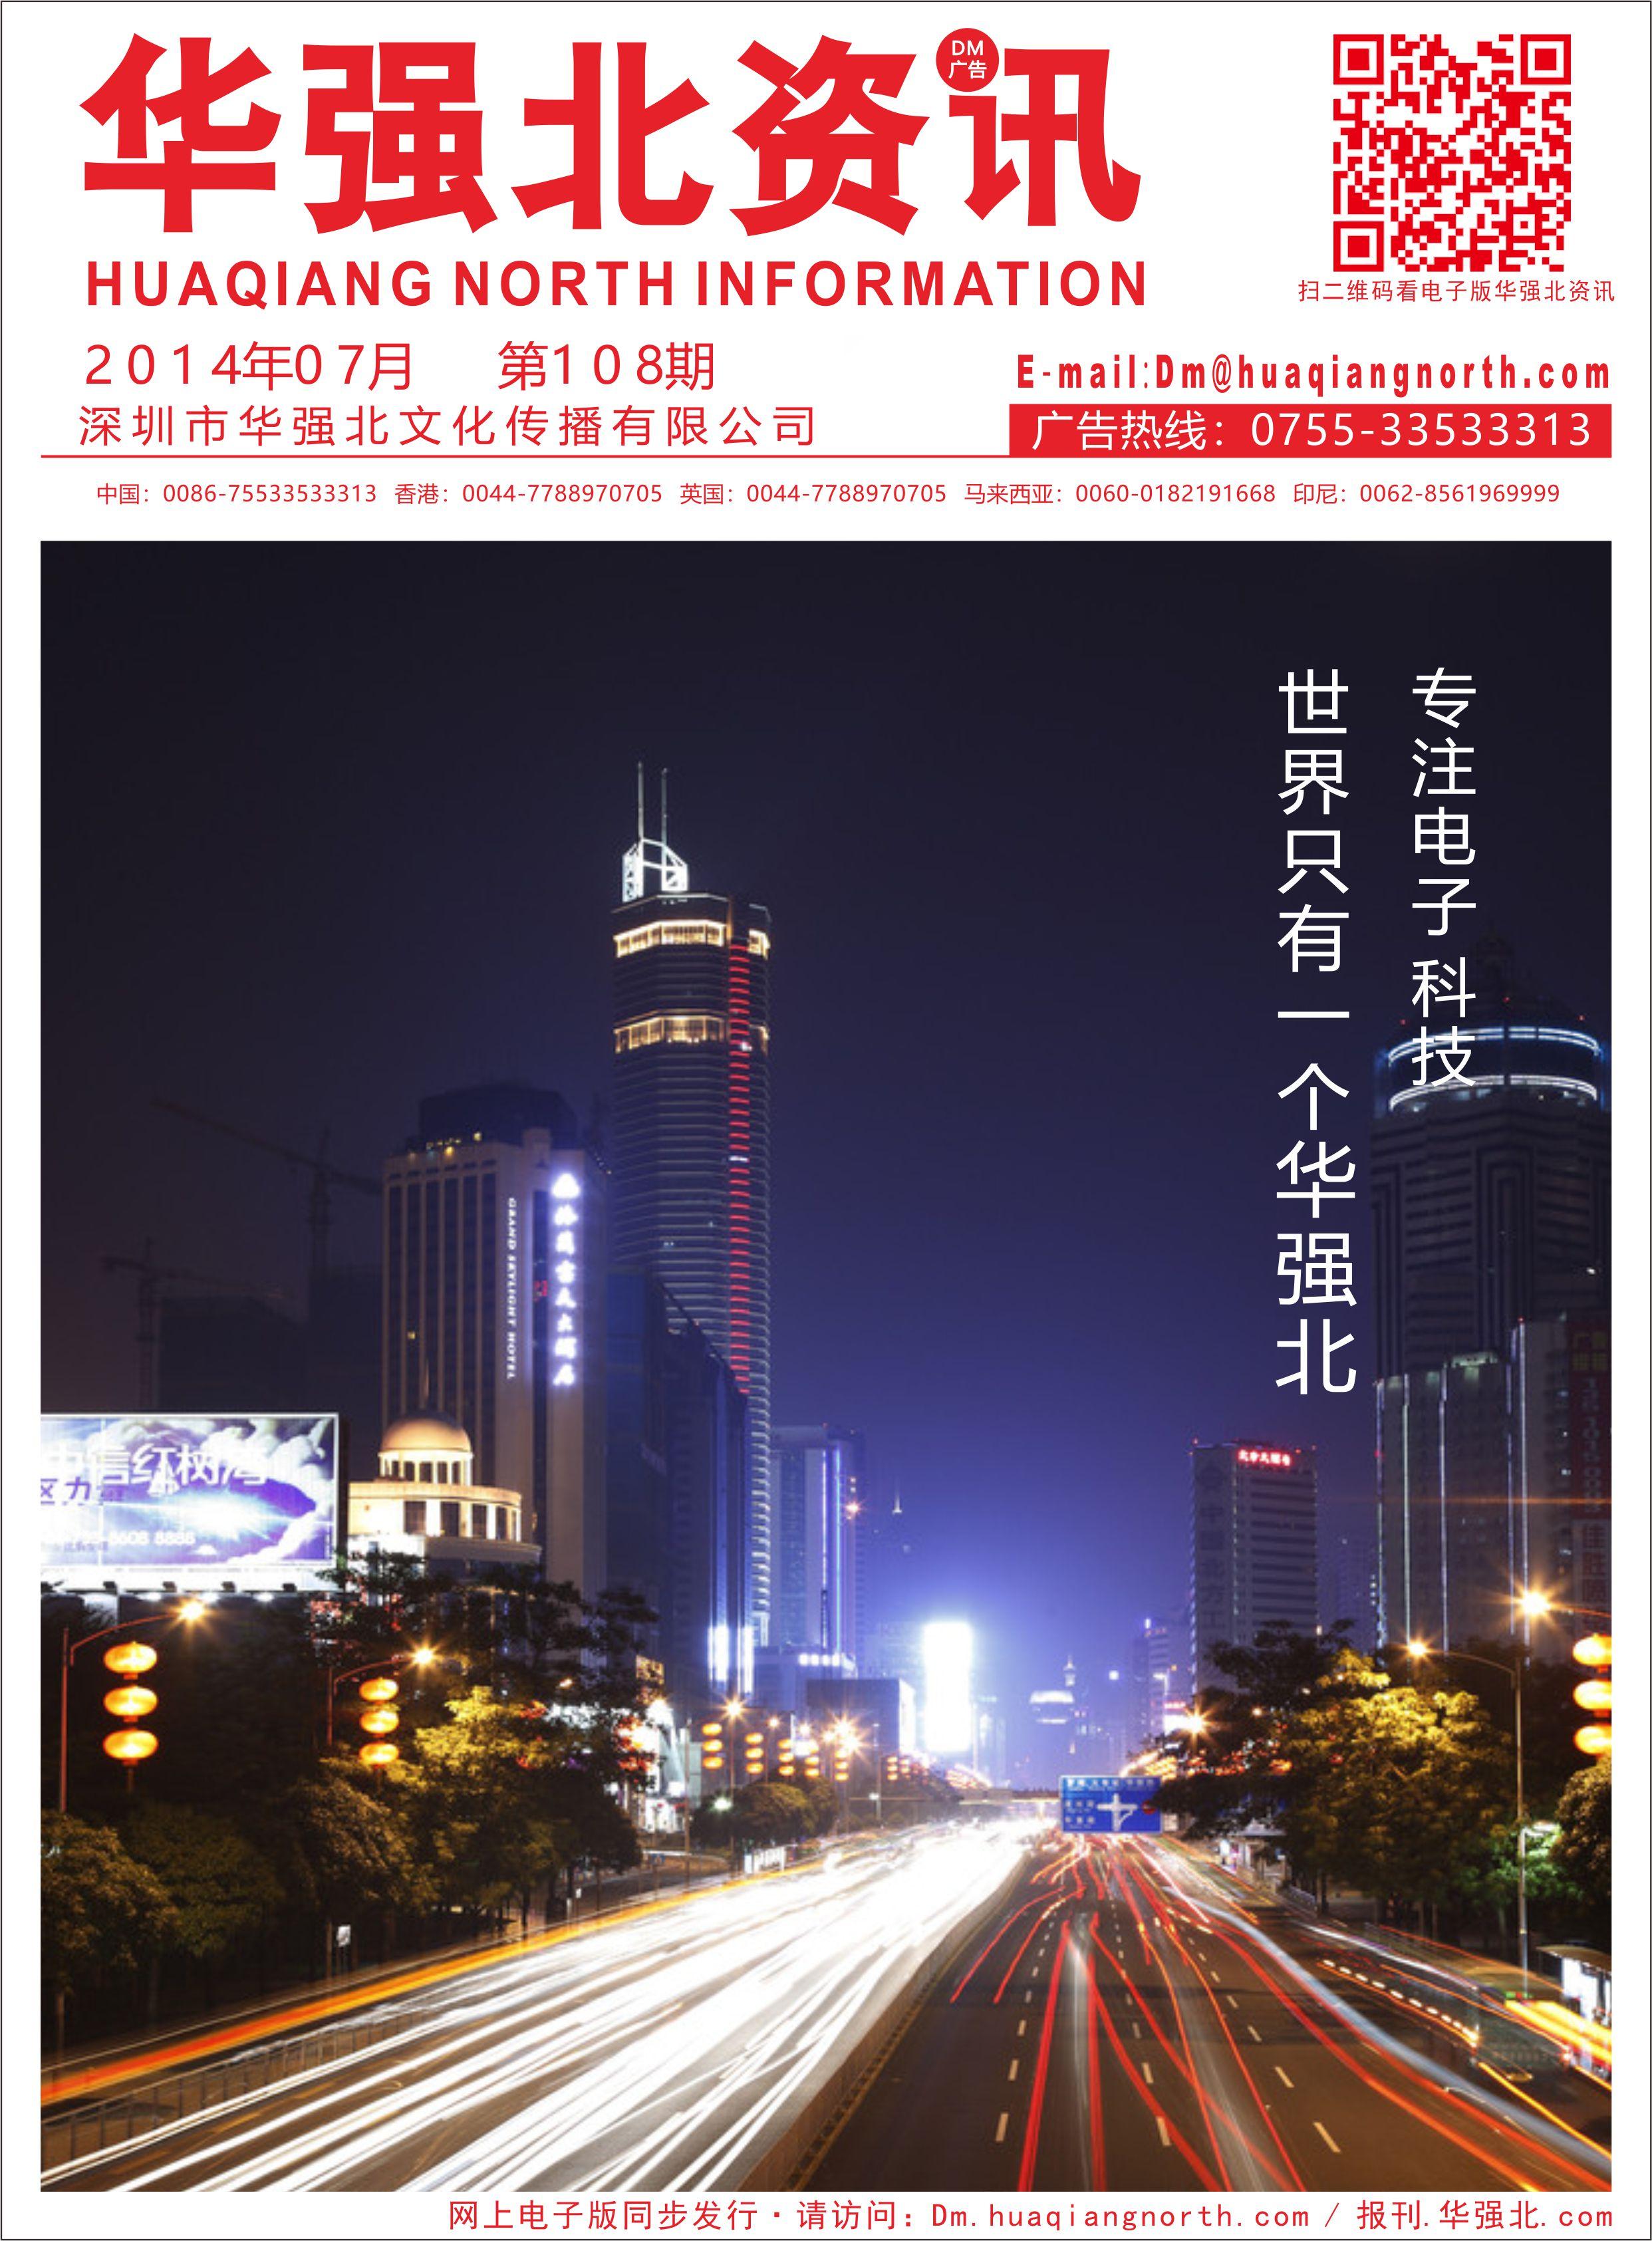 华强北资讯第108期